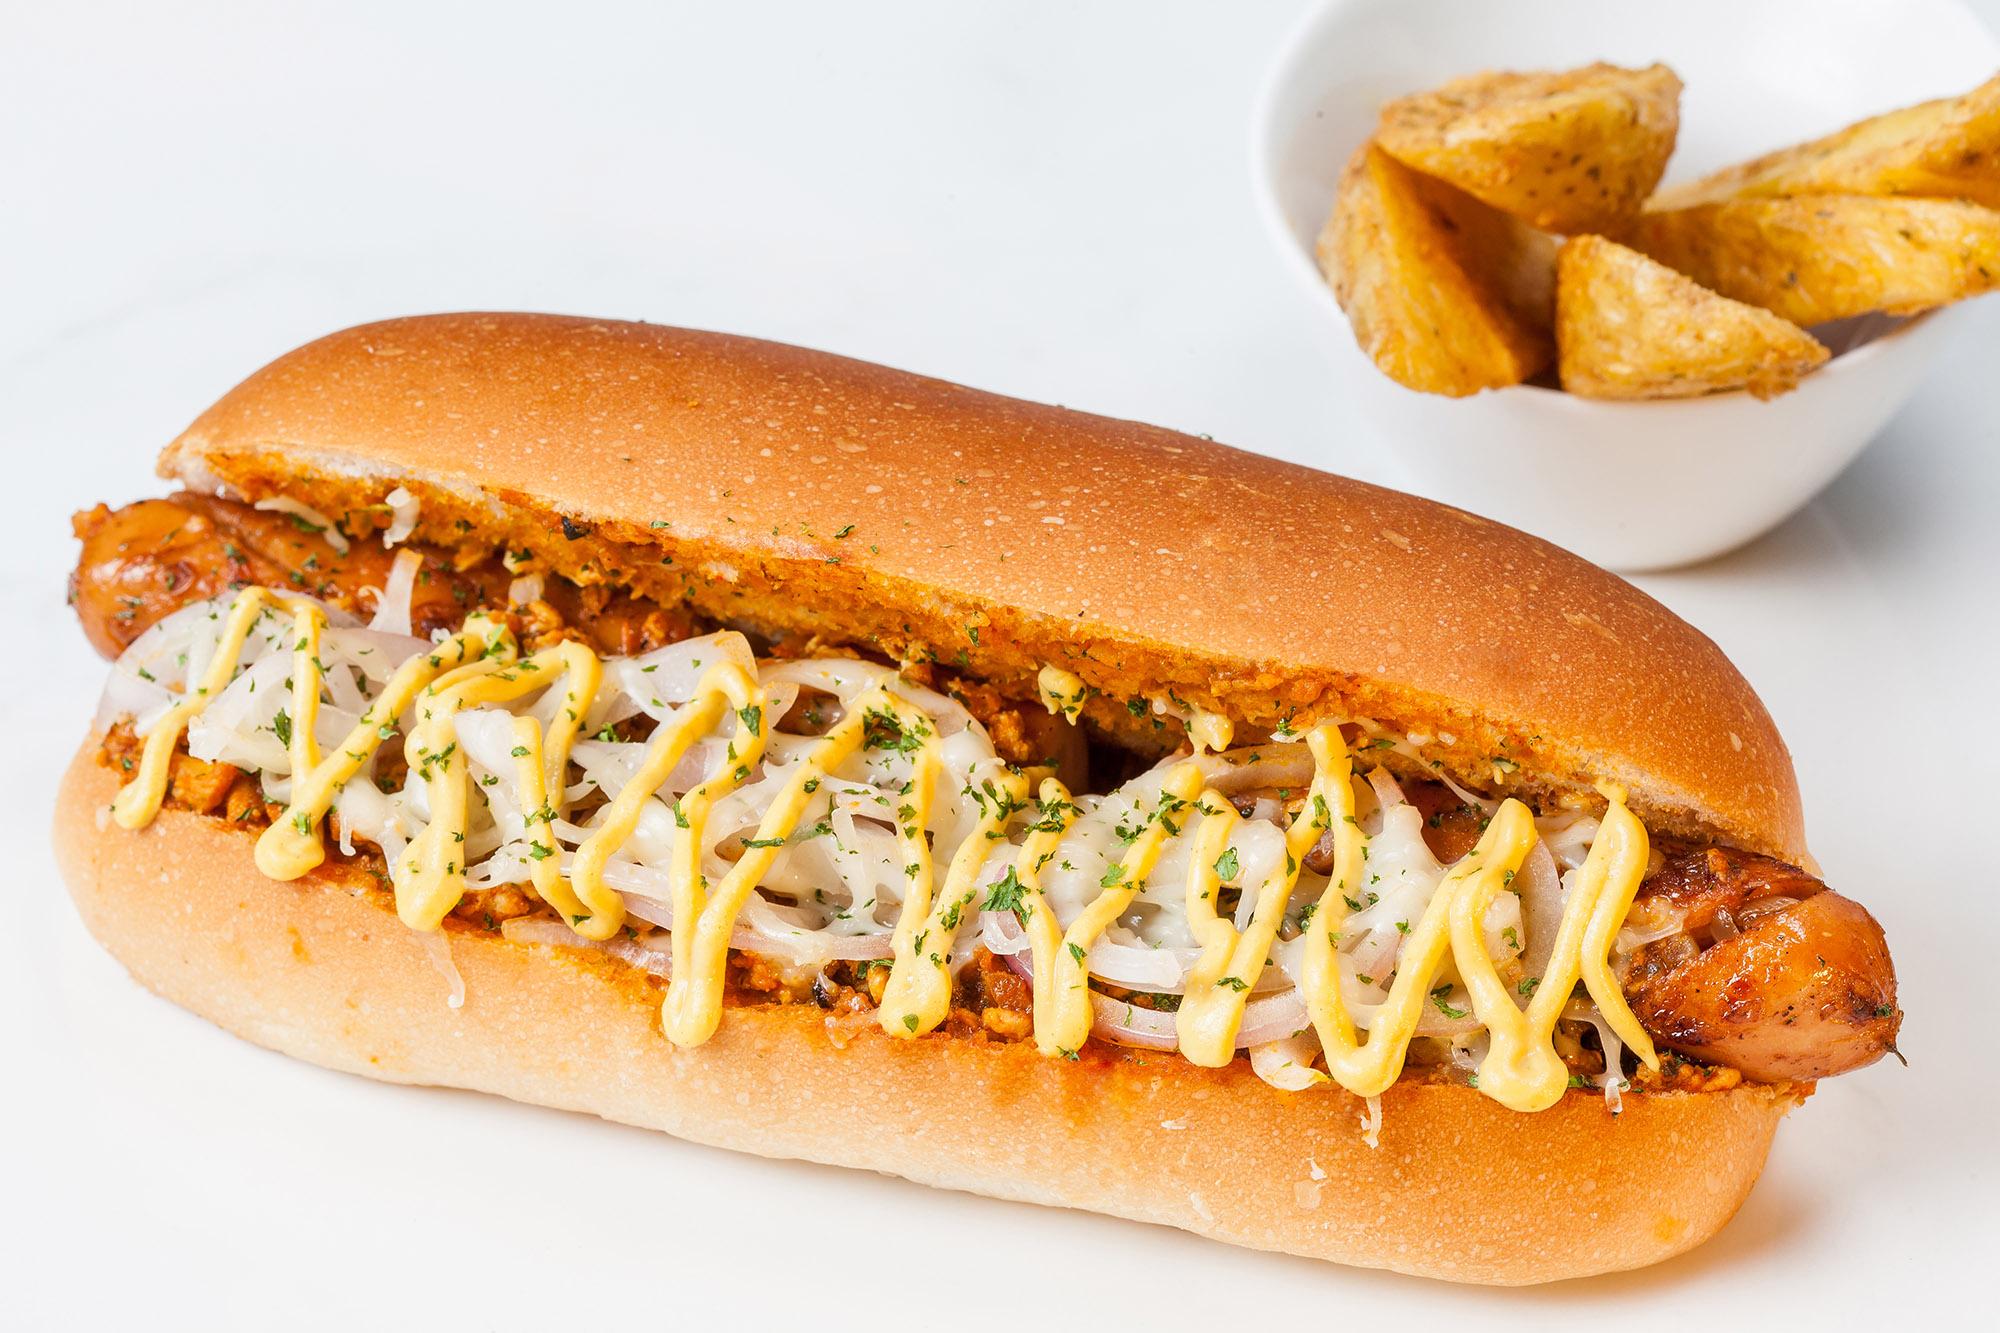 _16FM08851_Michigan Hot Dog (Non Veg).jpg